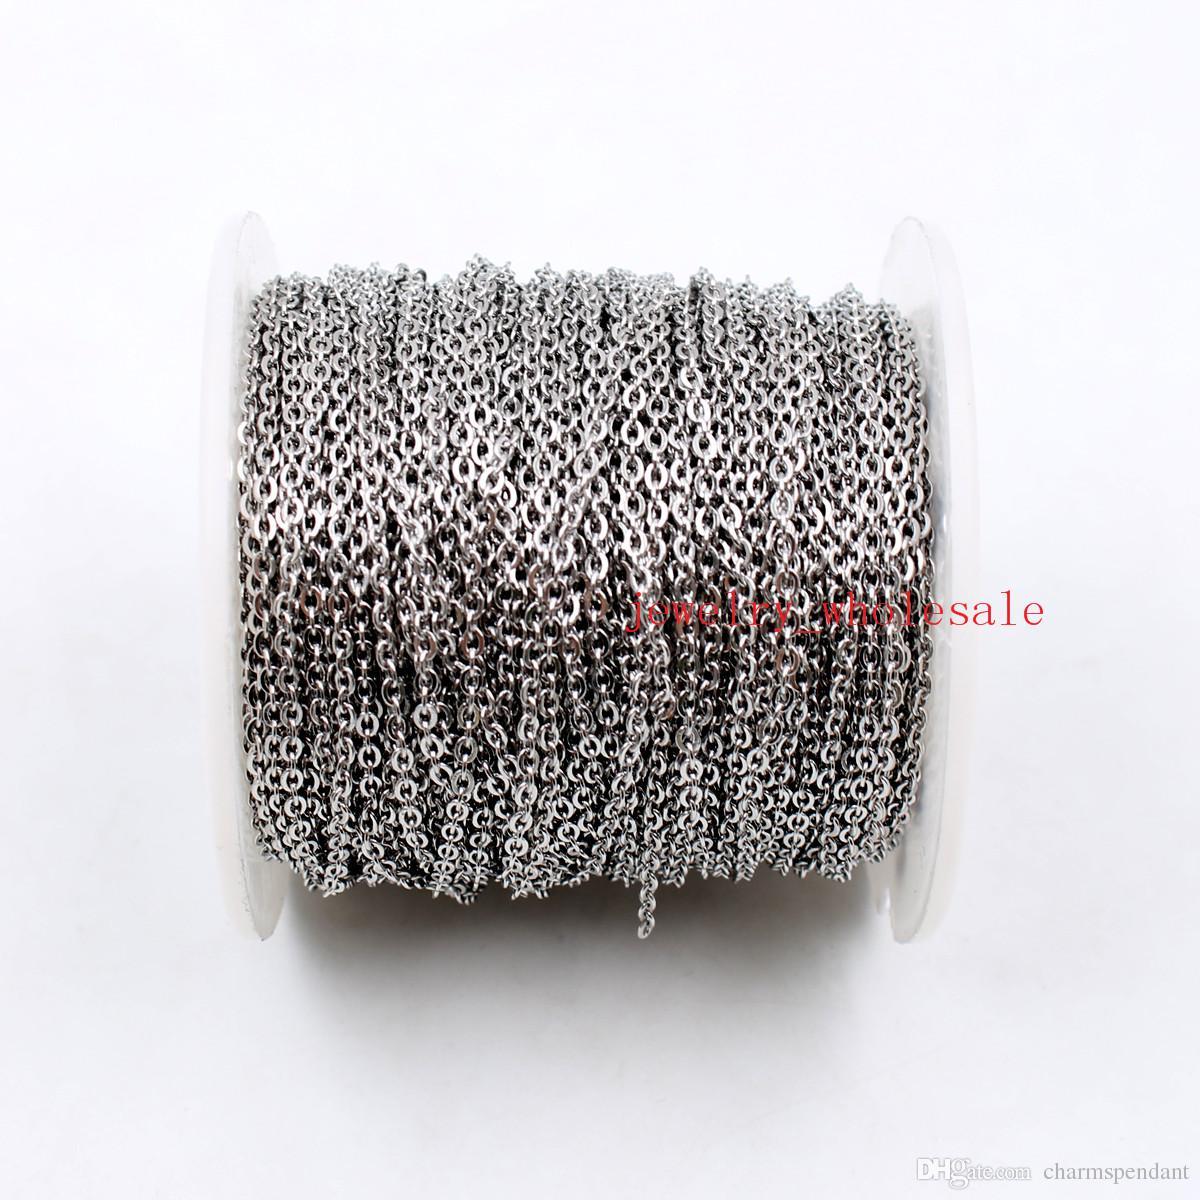 50 meter / rolle große großhandel in groß schmuck finden kette silber edelstahl starke flache ovale rolo kreuz kette fit anhänger diy